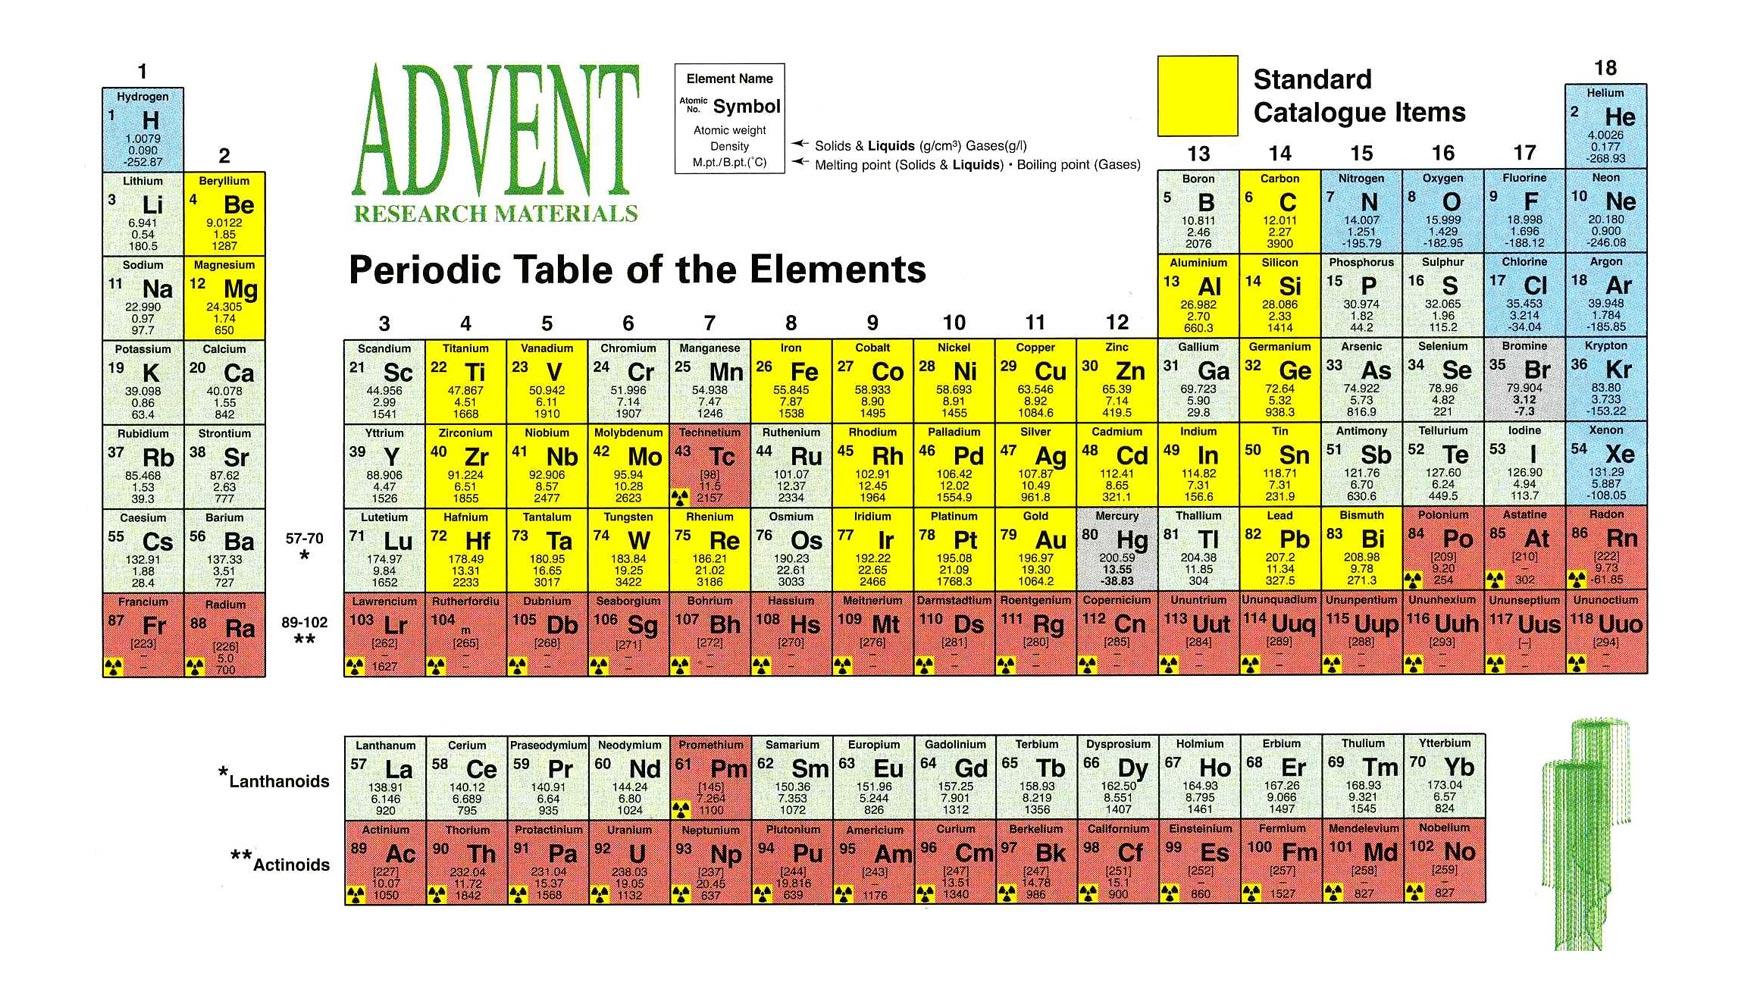 tabla peridica de los elementos de dmitri mendeleev actualizada 2015 uut 113 al final de la columna 13 - Tabla Periodica En Que Ano Fue Creada